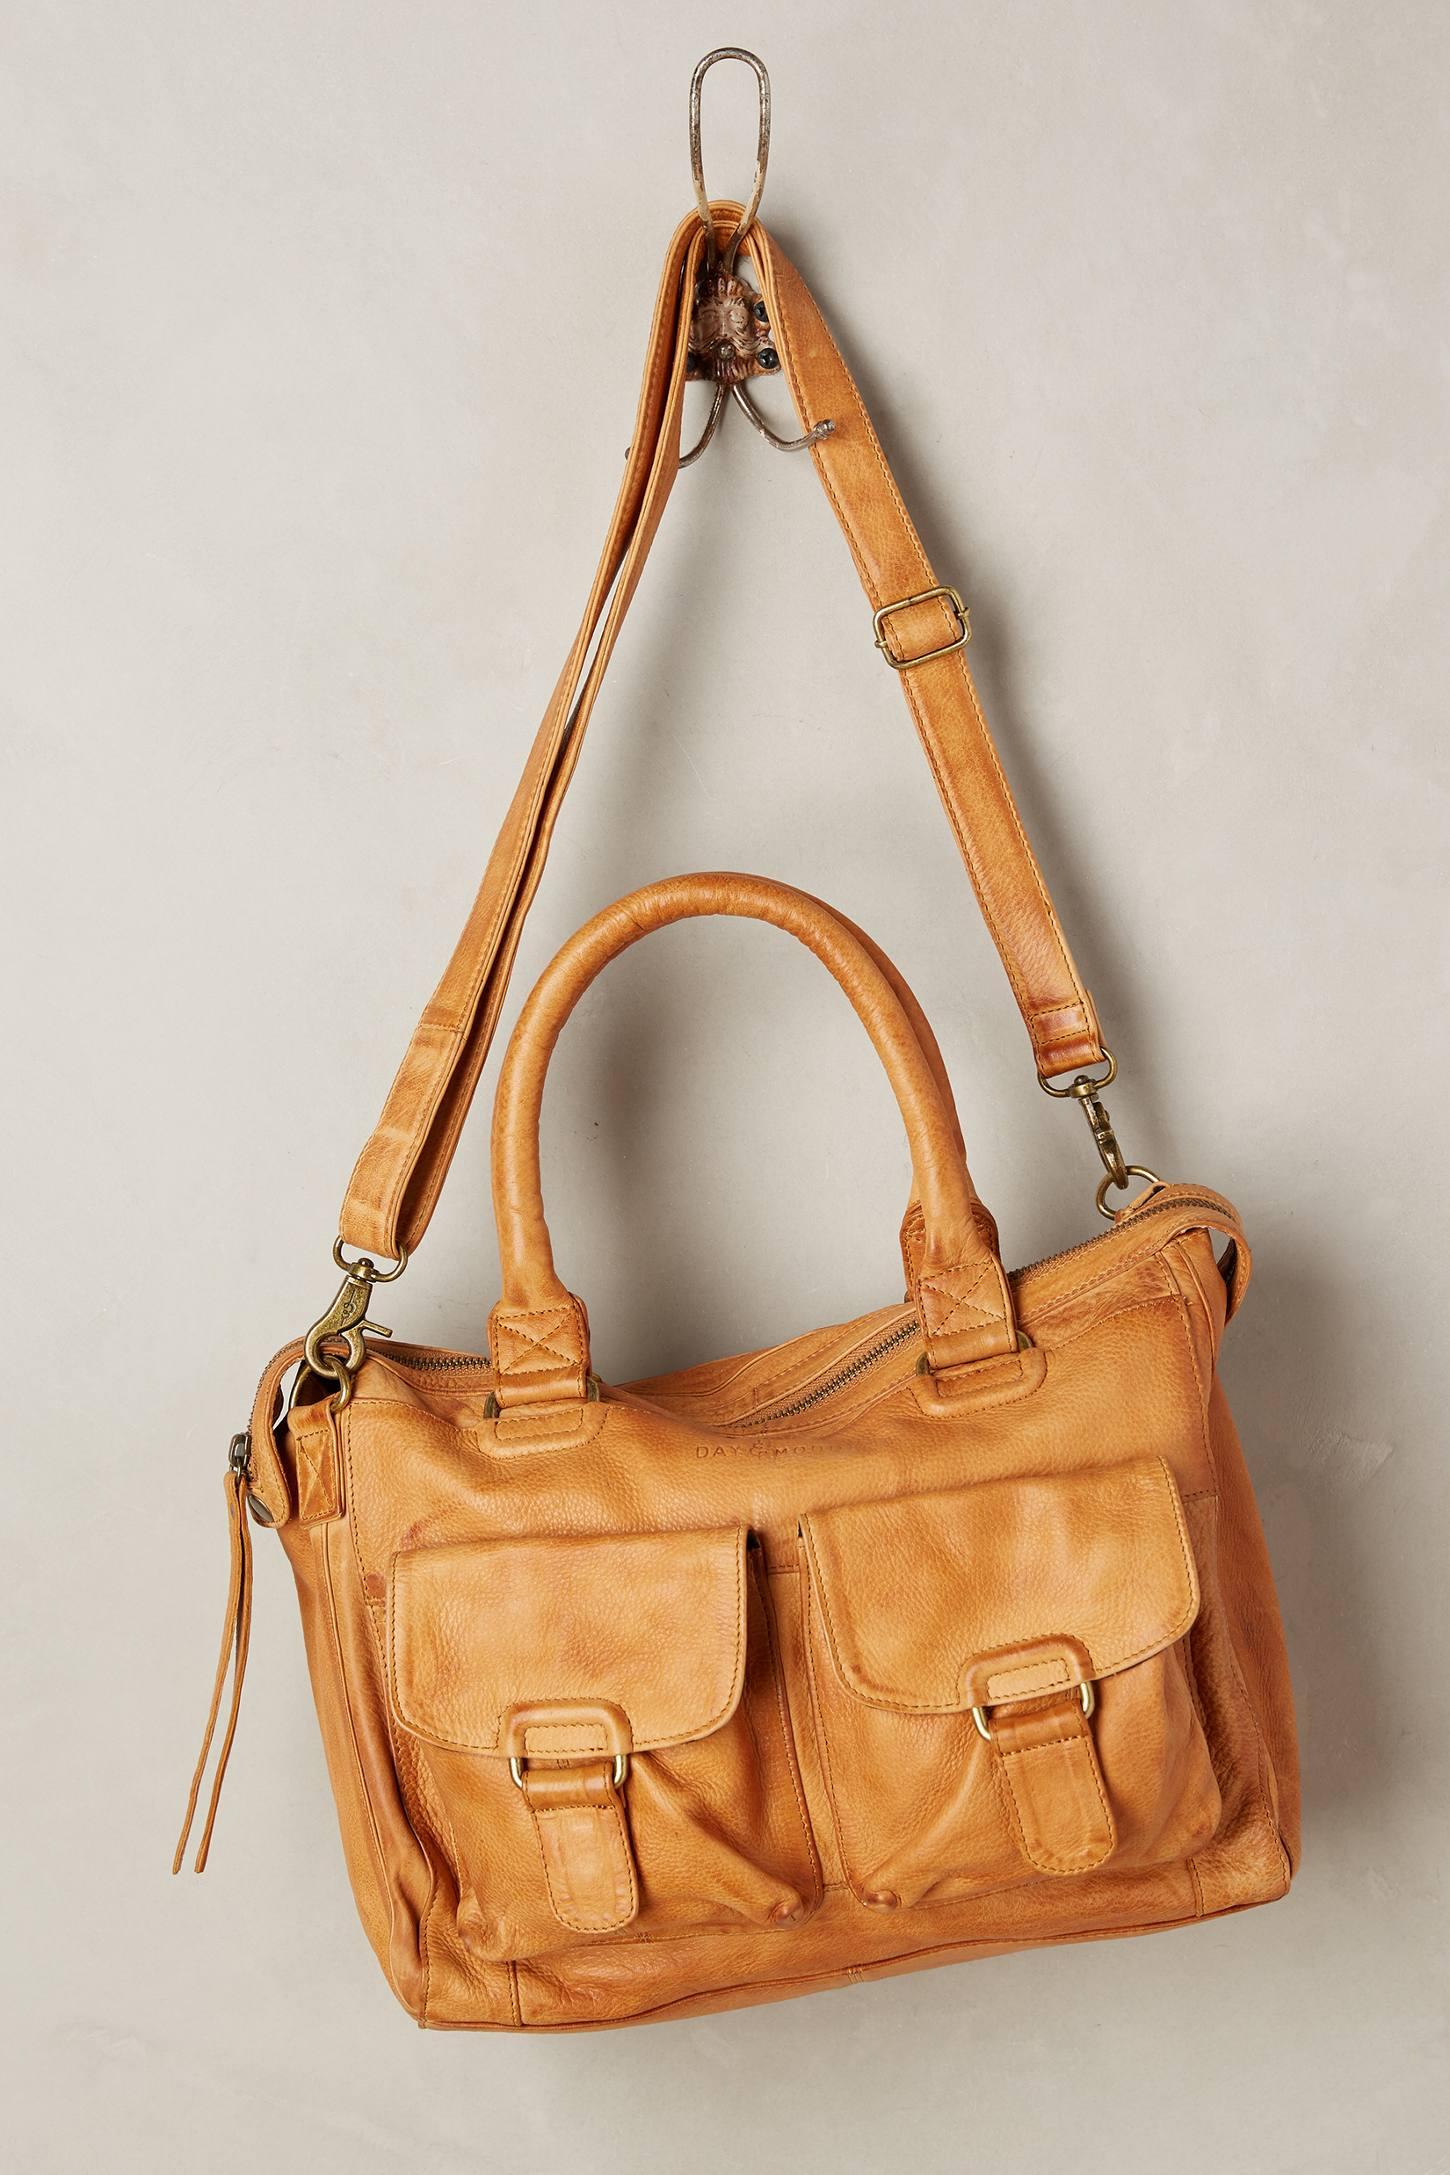 Middlemost Shoulder Bag